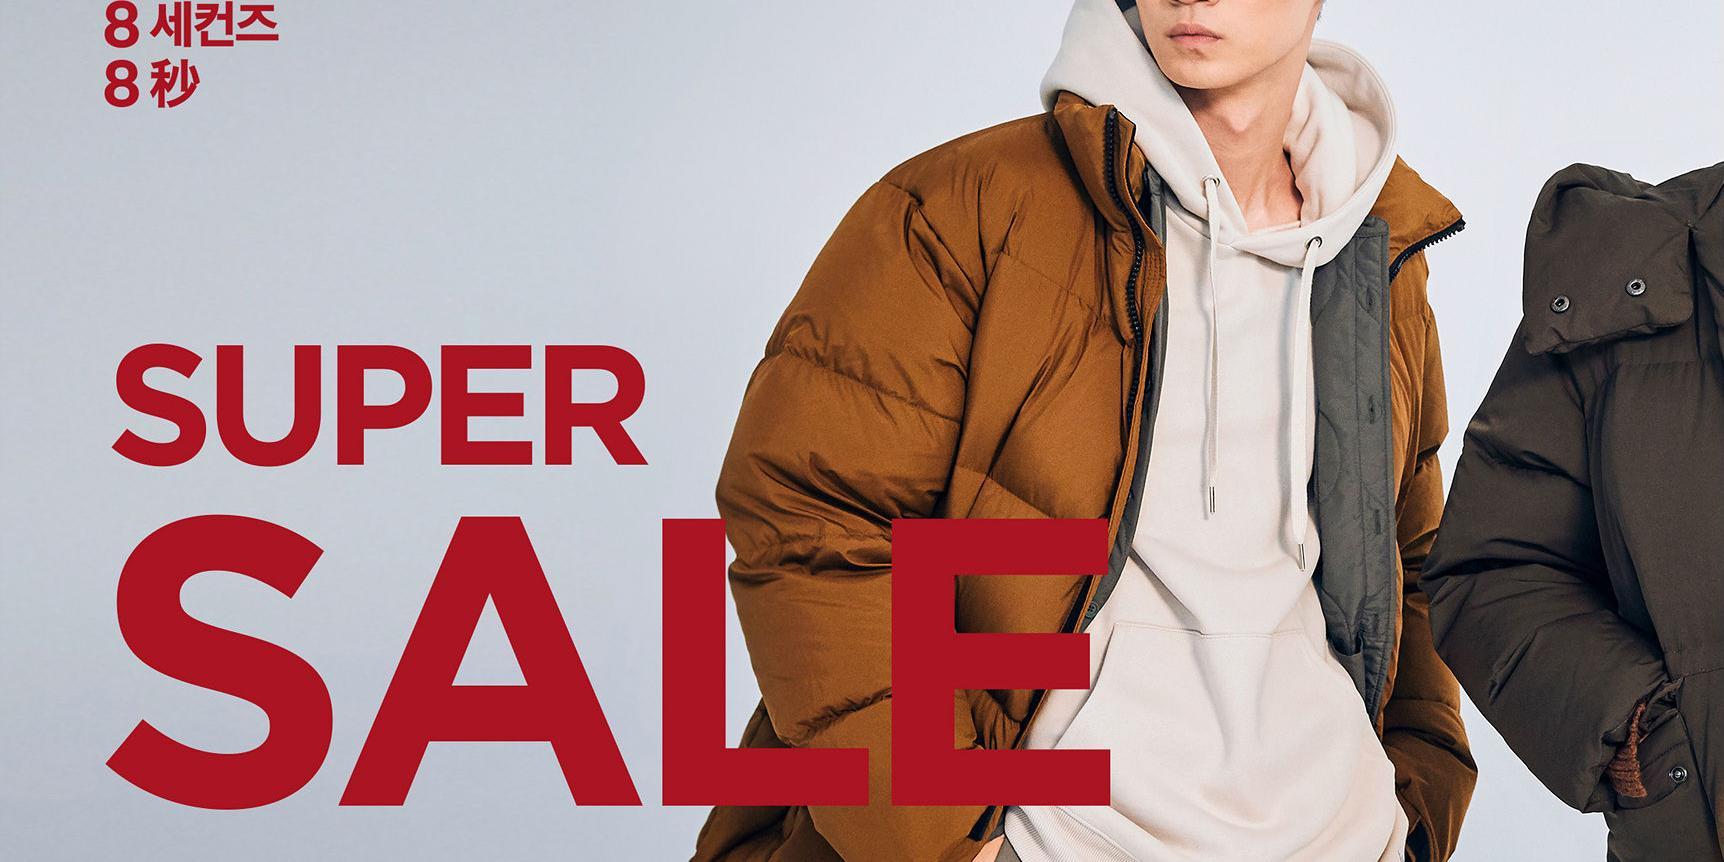 """""""삼성물산 패션부문 '에잇세컨즈', 가을겨울제품 최대 60% 할인판매"""